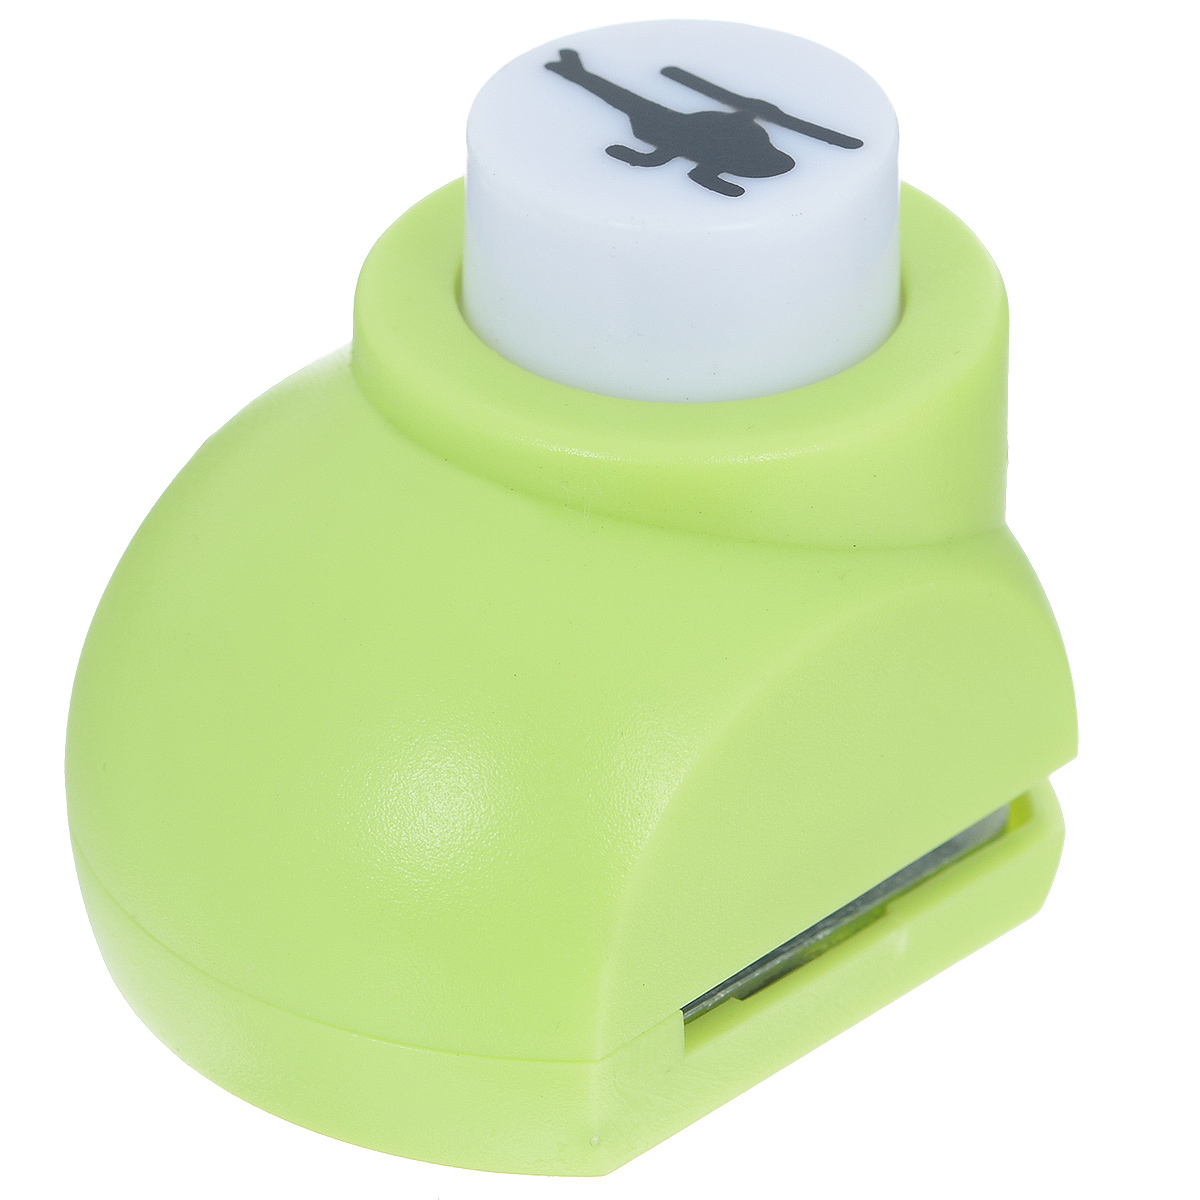 Дырокол фигурный Астра Вертолет. JF-8227709604_214Дырокол Астра Вертолет поможет вам легко, просто и аккуратно вырезать много одинаковых мелких фигурок.Режущие части компостера закрыты пластмассовым корпусом, что обеспечивает безопасность для детей. Можно использовать вырезанные мотивы как конфетти или для наклеивания. Дырокол подходит для разных техник: декупажа, скрапбукинга, декорирования.Размер дырокола: 4 см х 3 см х 4 см. Размер готовой фигурки: 1,3 см х 0,7 см.